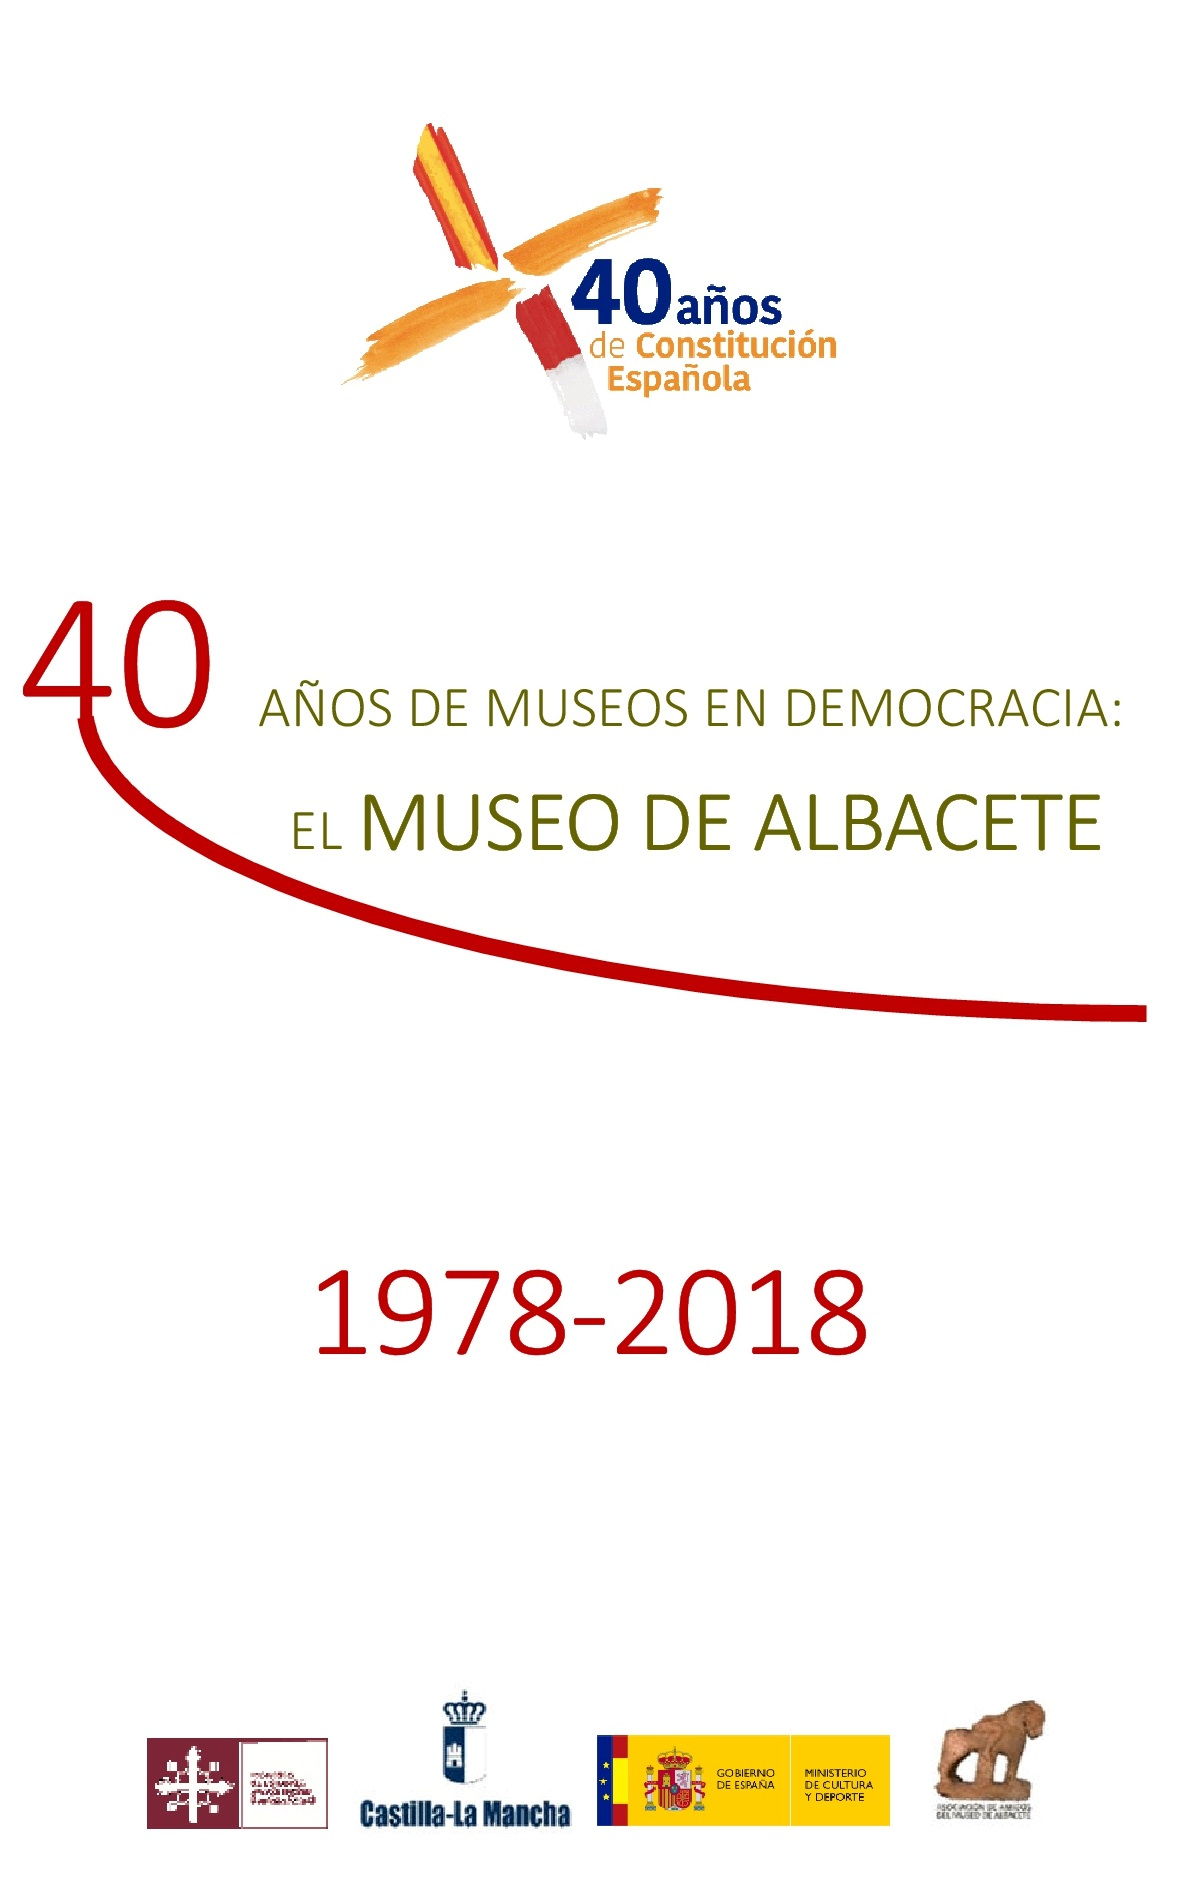 Imagen de la actividad Exposición temporal: 40 años de museos en Democracia: el Museo de Albacete